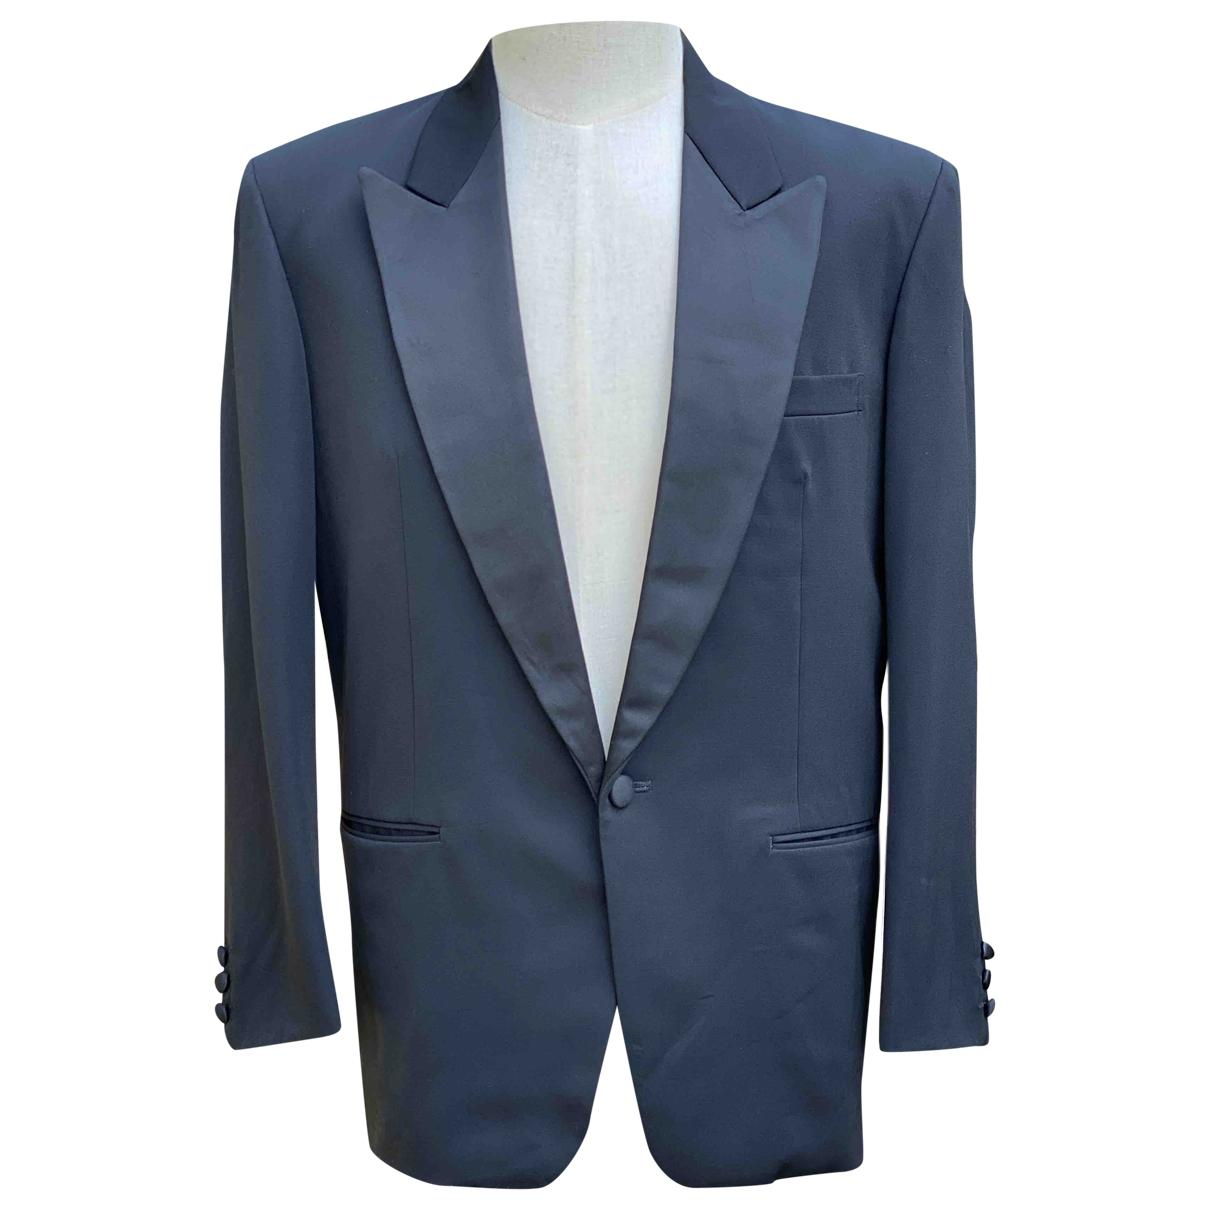 Comme Des Garcons \N Black Wool jacket  for Men M International